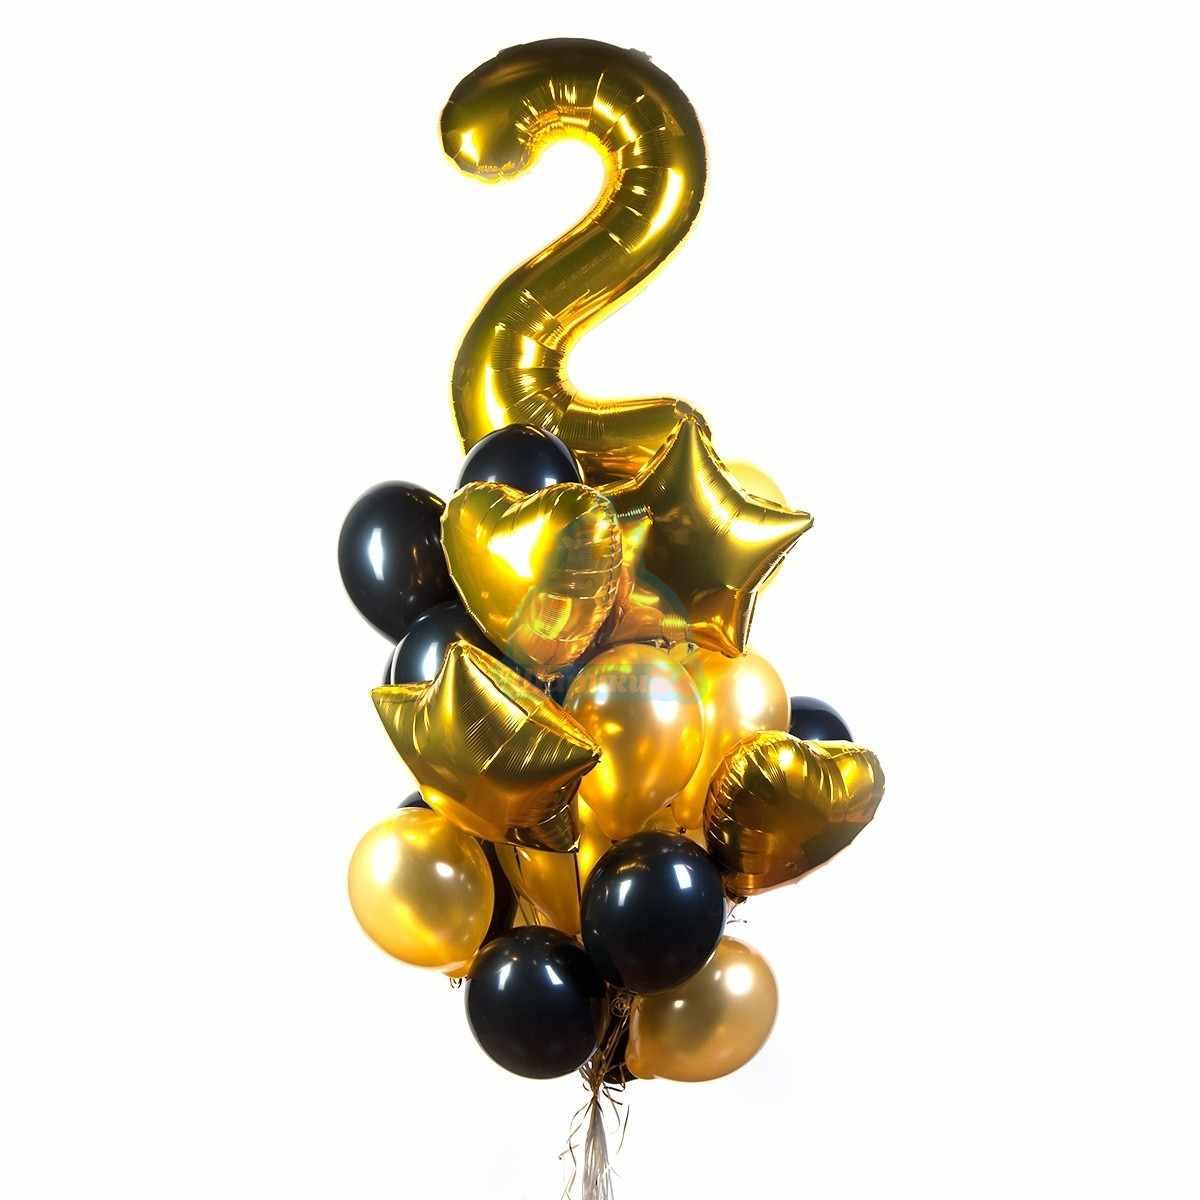 Букет на день рождения с золотой цифрой  звездами и сердцами фото в интернет-магазине Шарики 24